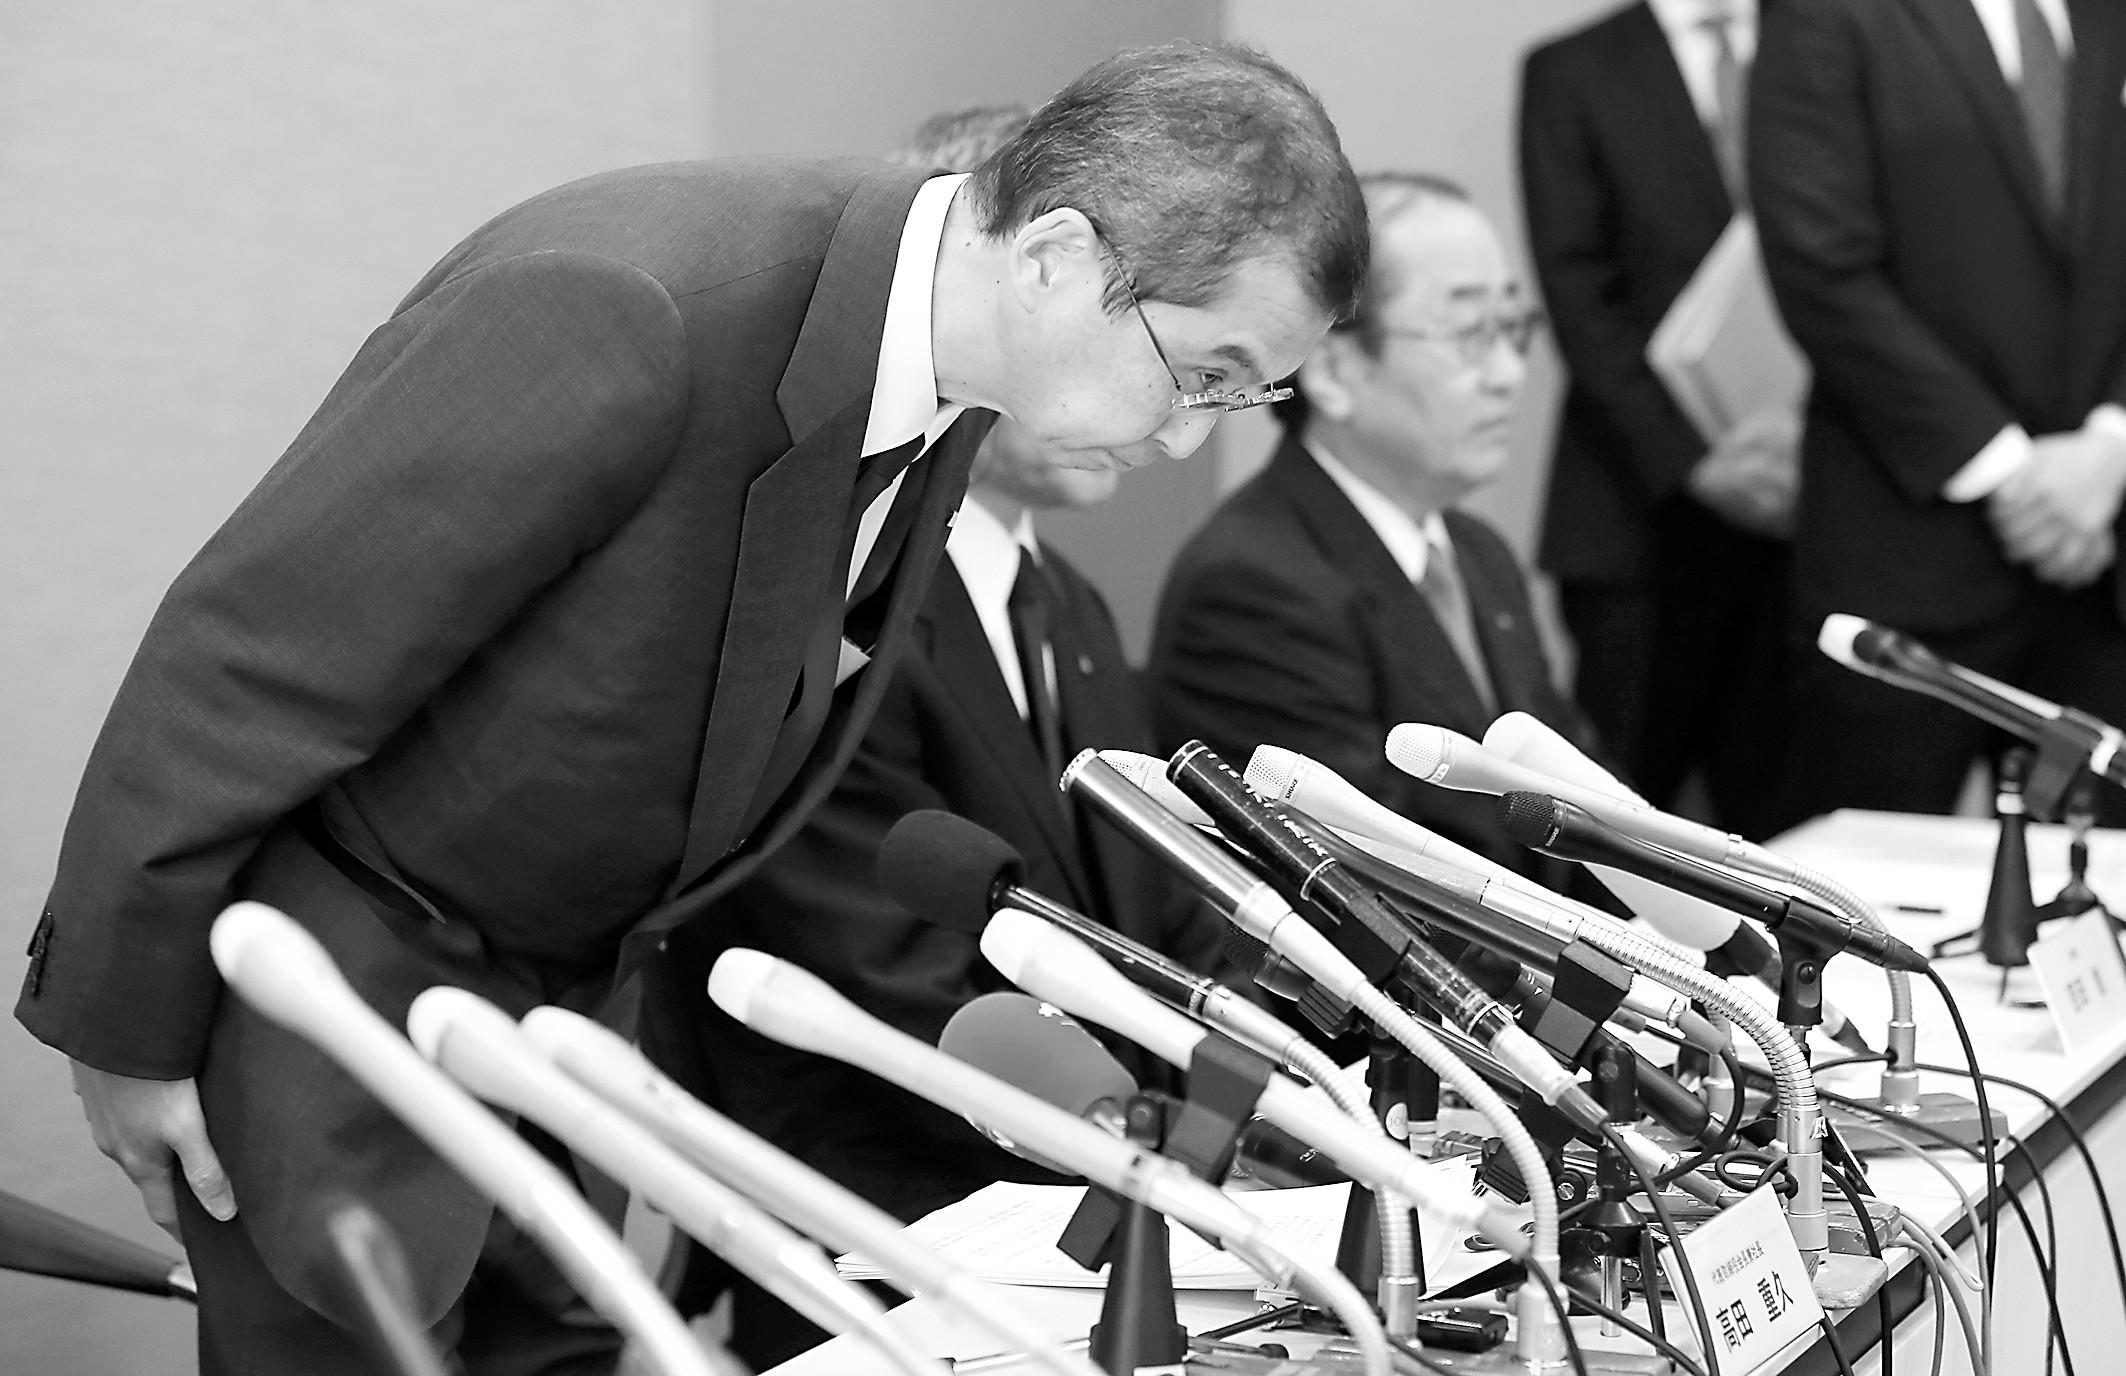 日本高田破产中企接盘 舆论反思日式经营体系